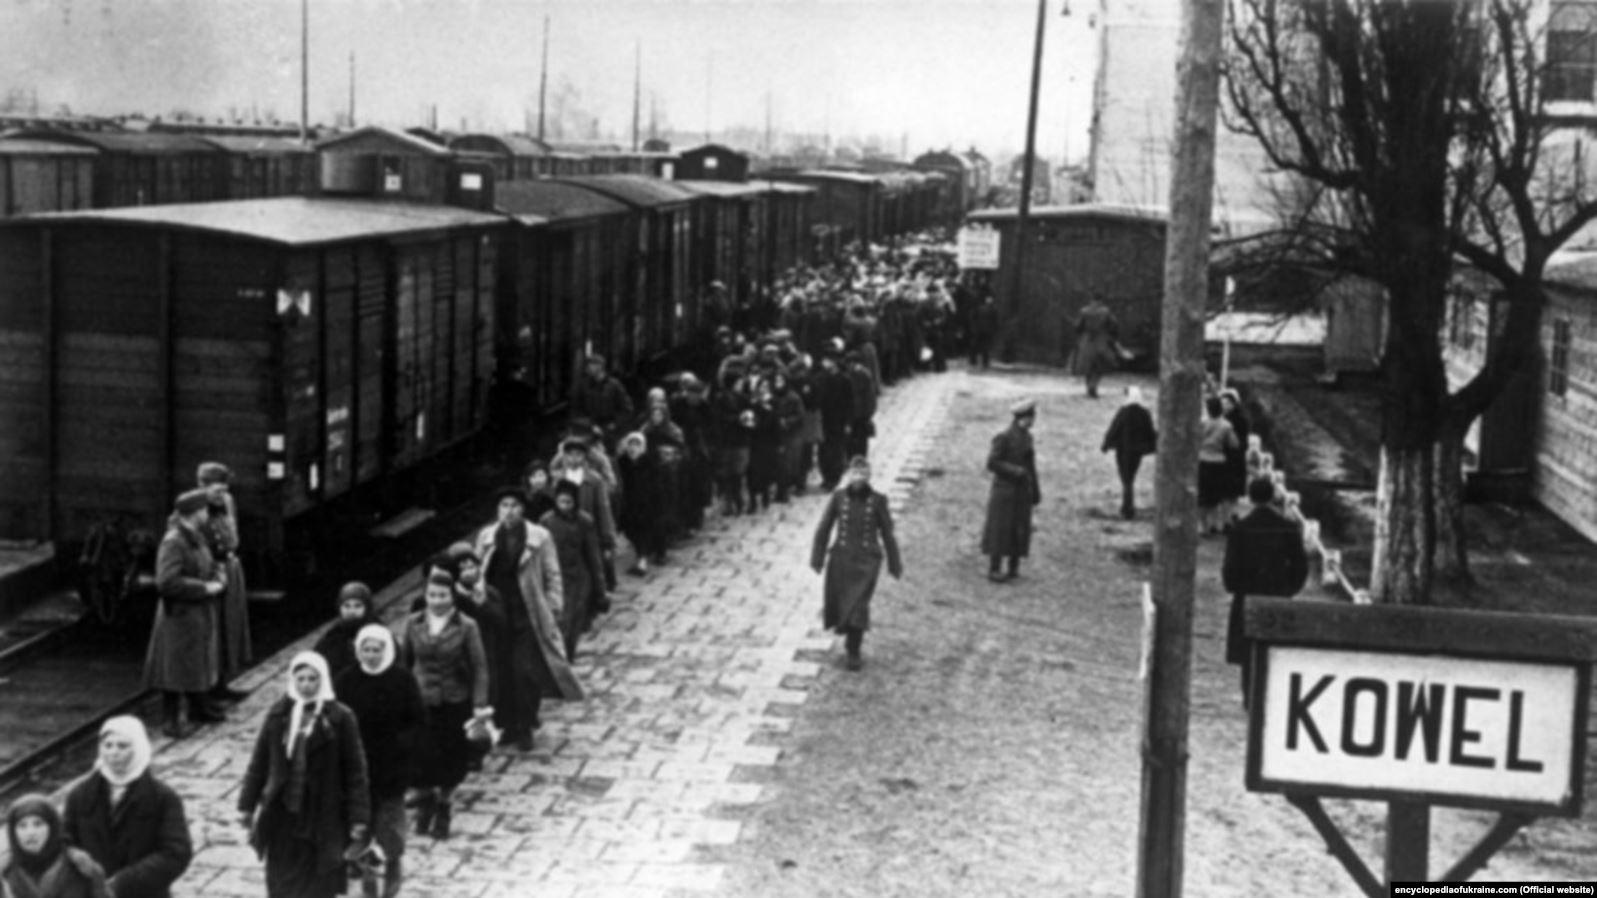 Нацисти транспортують українських робітників із залізничної станції міста Ковеля. Encyclopediaofukraine.com